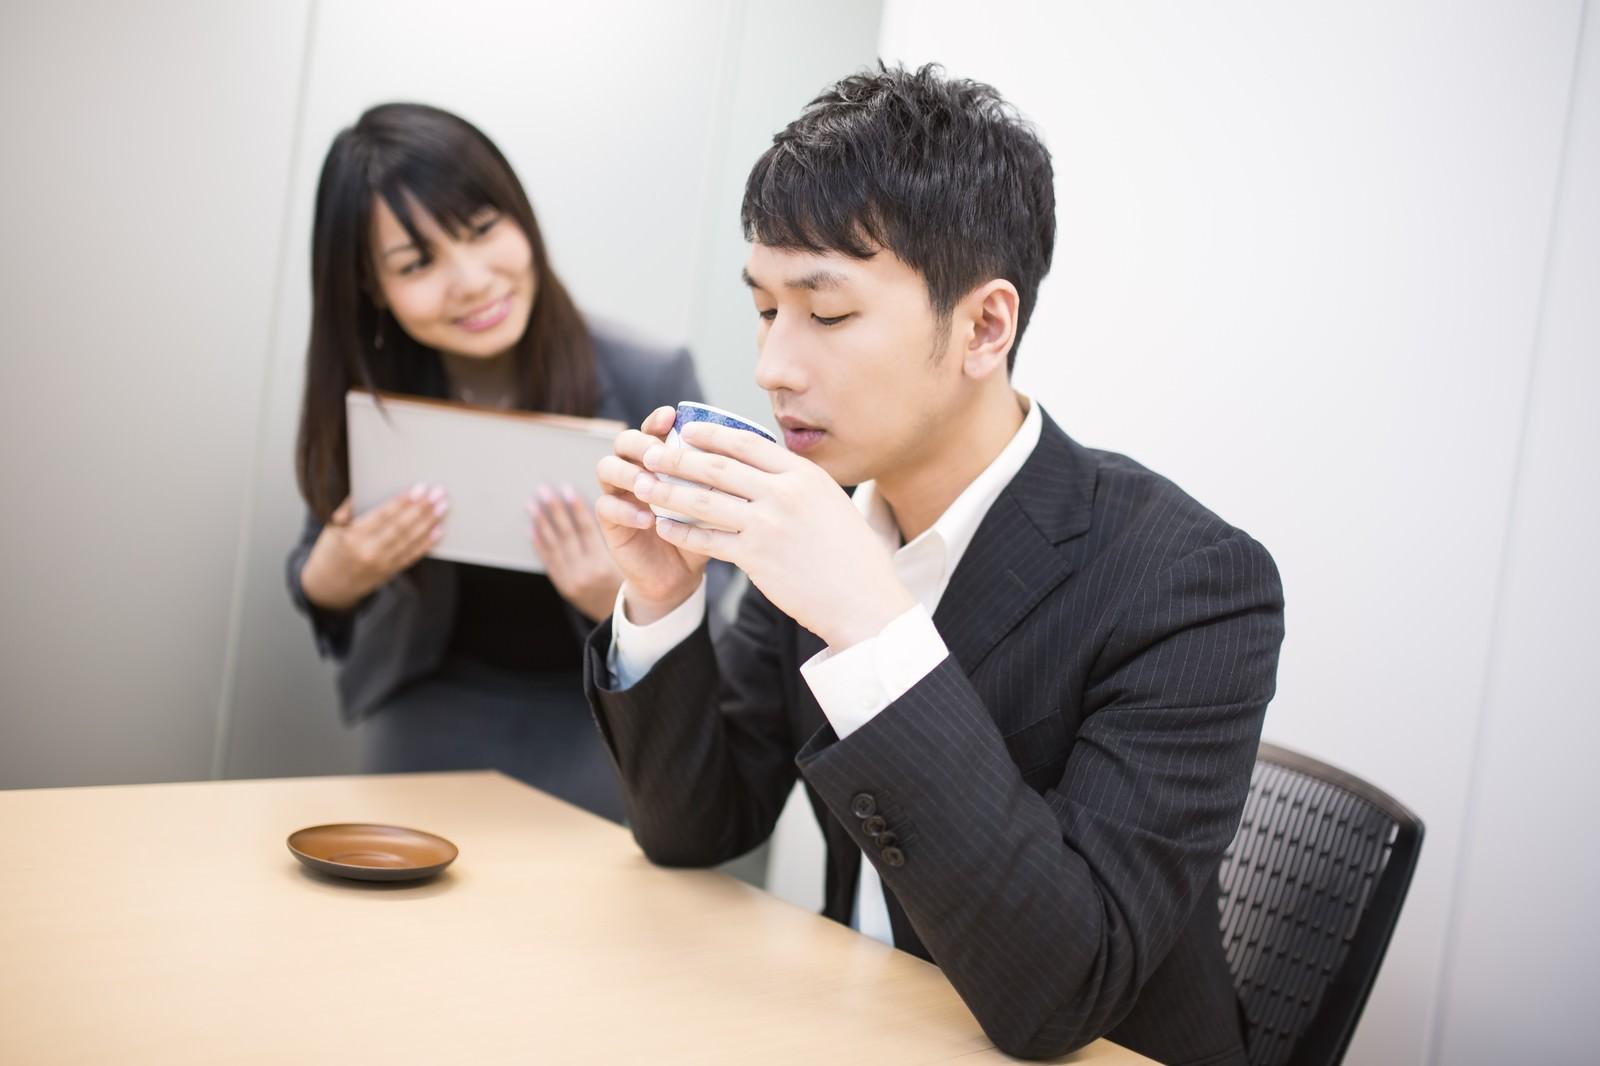 「女性社員に見つめられながらお茶をすするビジネスマン」[モデル:大川竜弥 Lala]